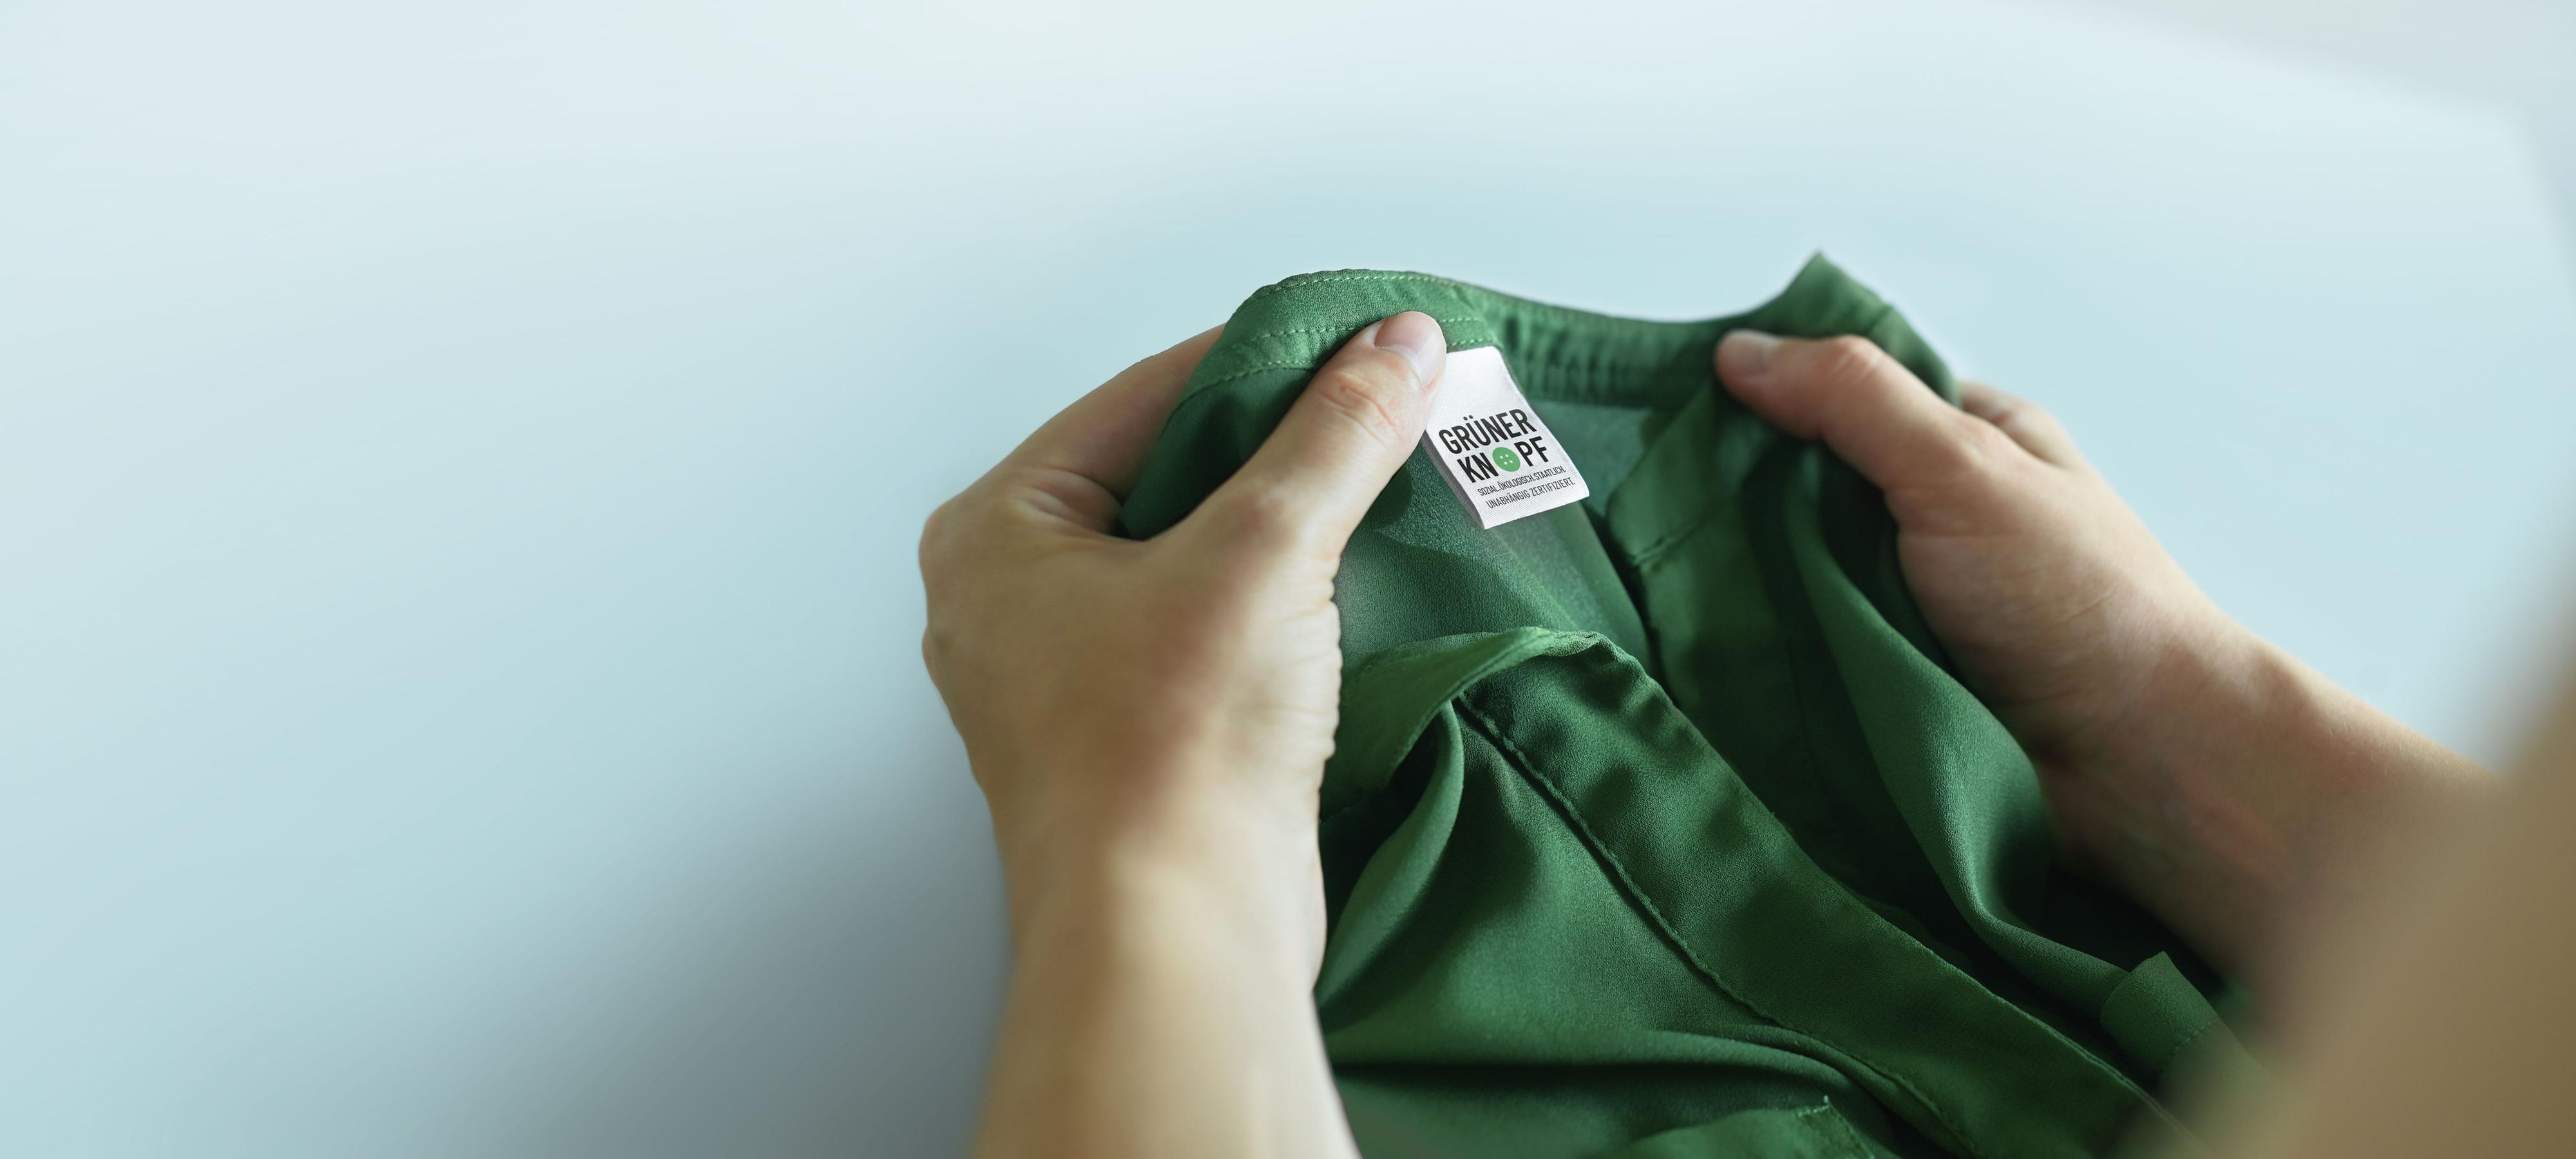 Der Grüne Knopf – das Siegel für sozial und ökologisch produzierte Textilien